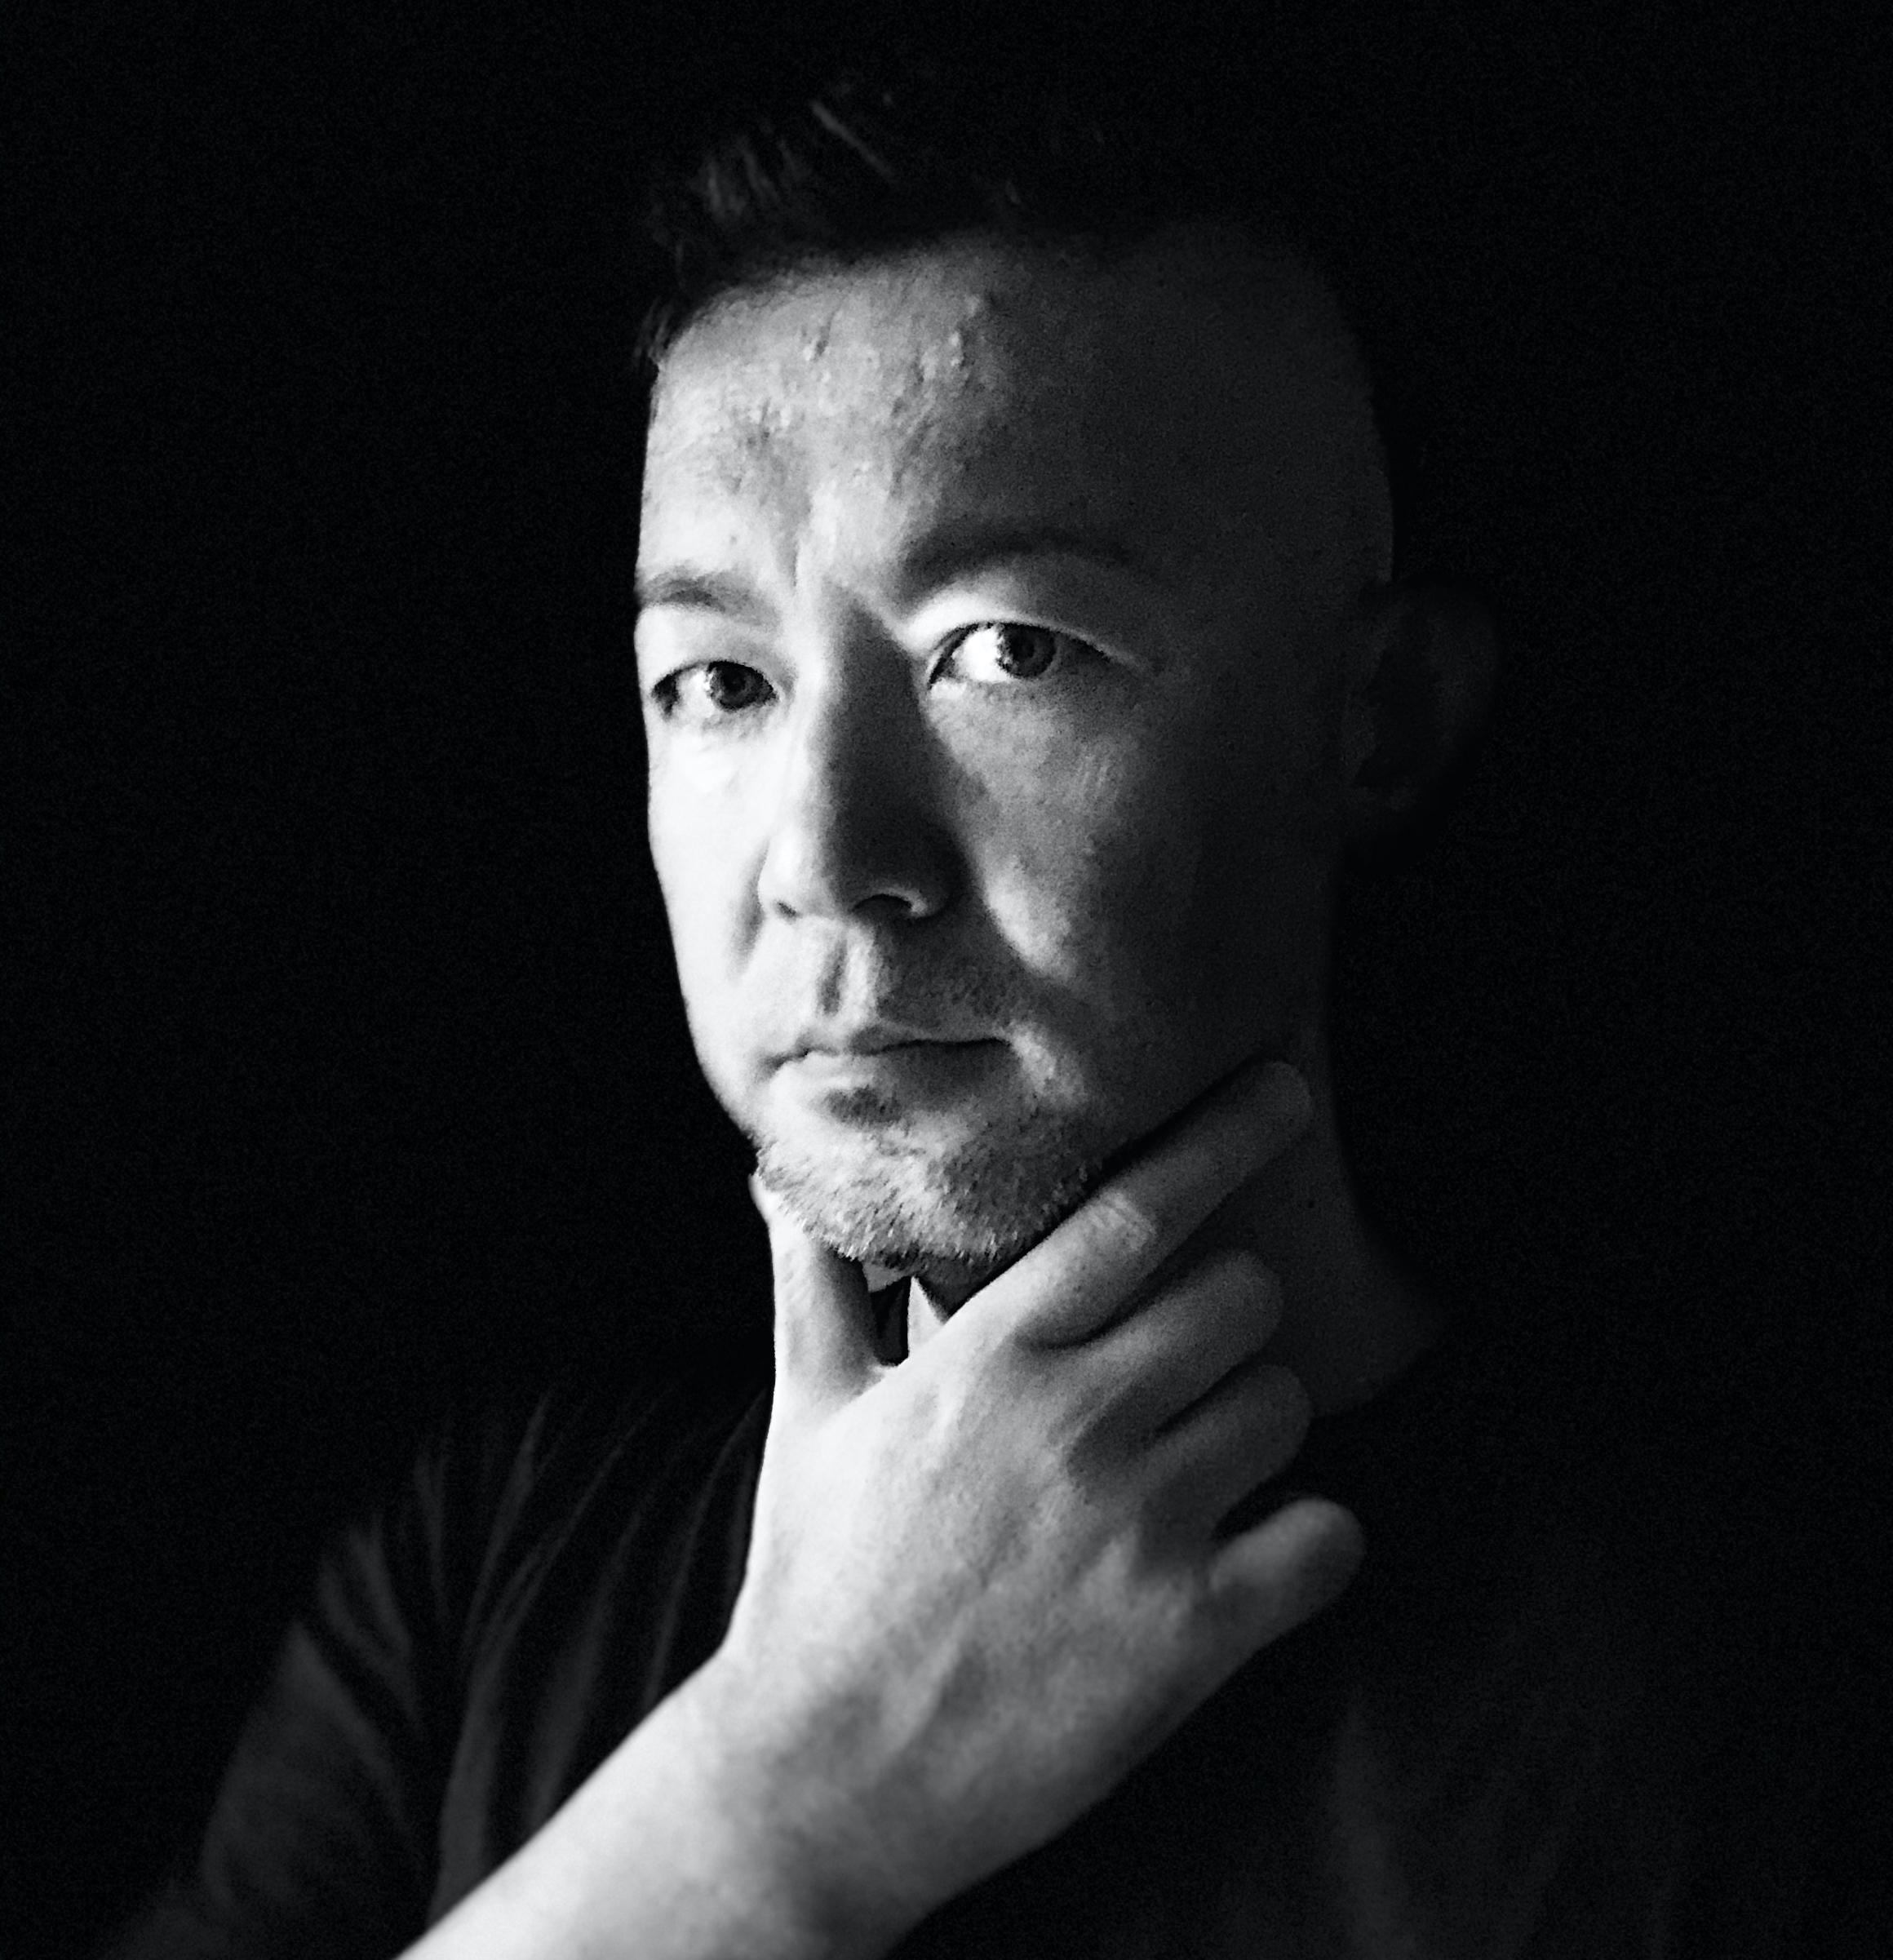 Taketo Kobayashi - Portrait Image.jpg